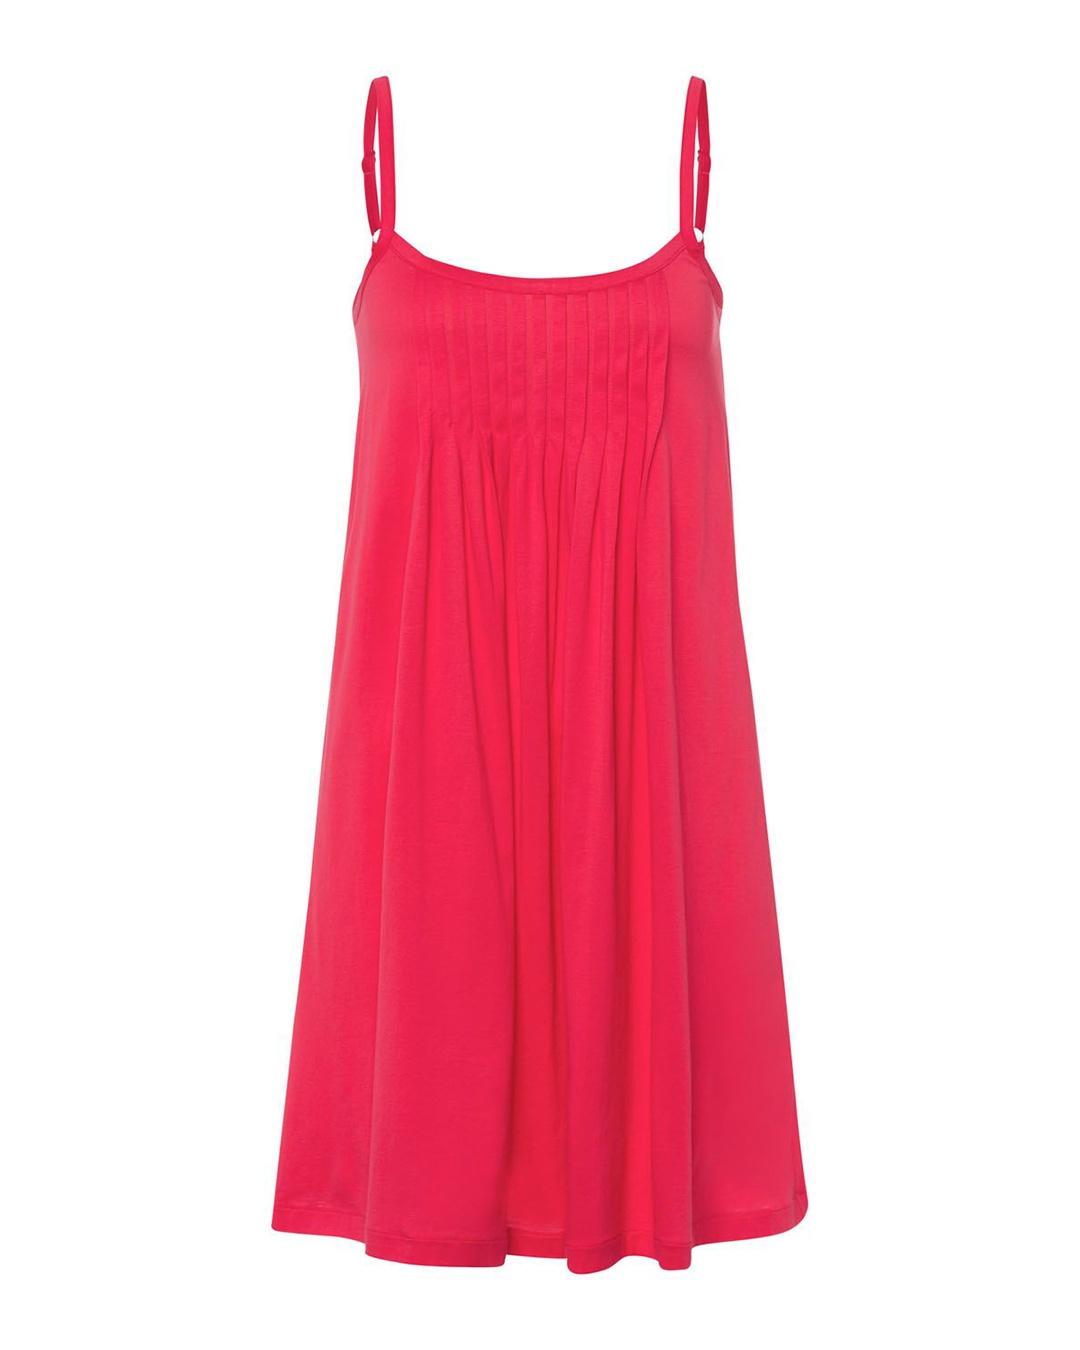 hanro-juliet-chemise-geran-7747-ps-dianes-lingerie-vancouver-1080x1080